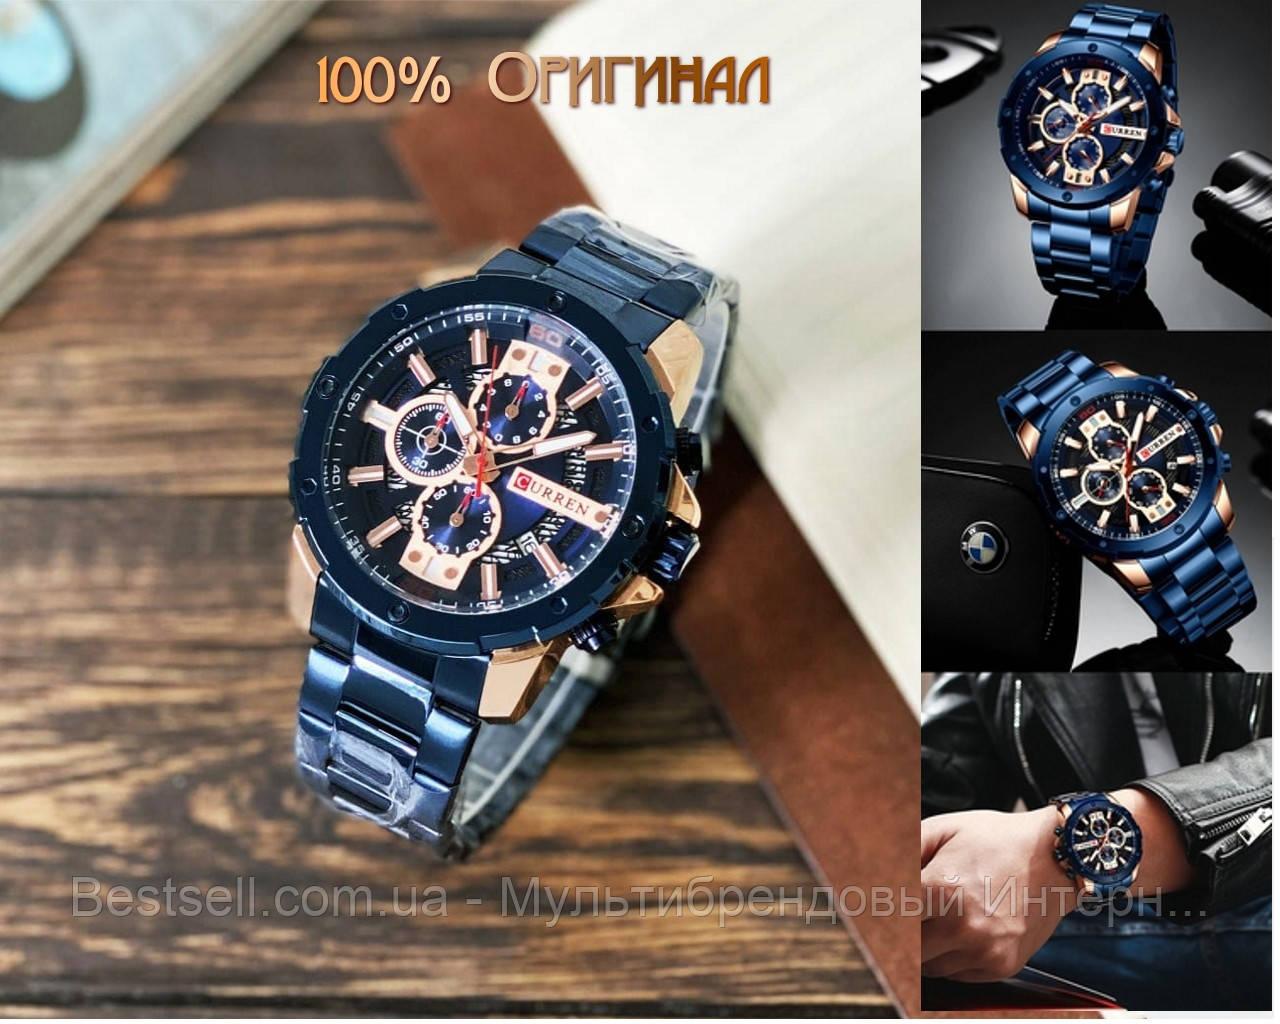 Оригинальные мужские часы хронограф стальной ремешок Curren 8336 Blue-Cuprum / Часы Курен